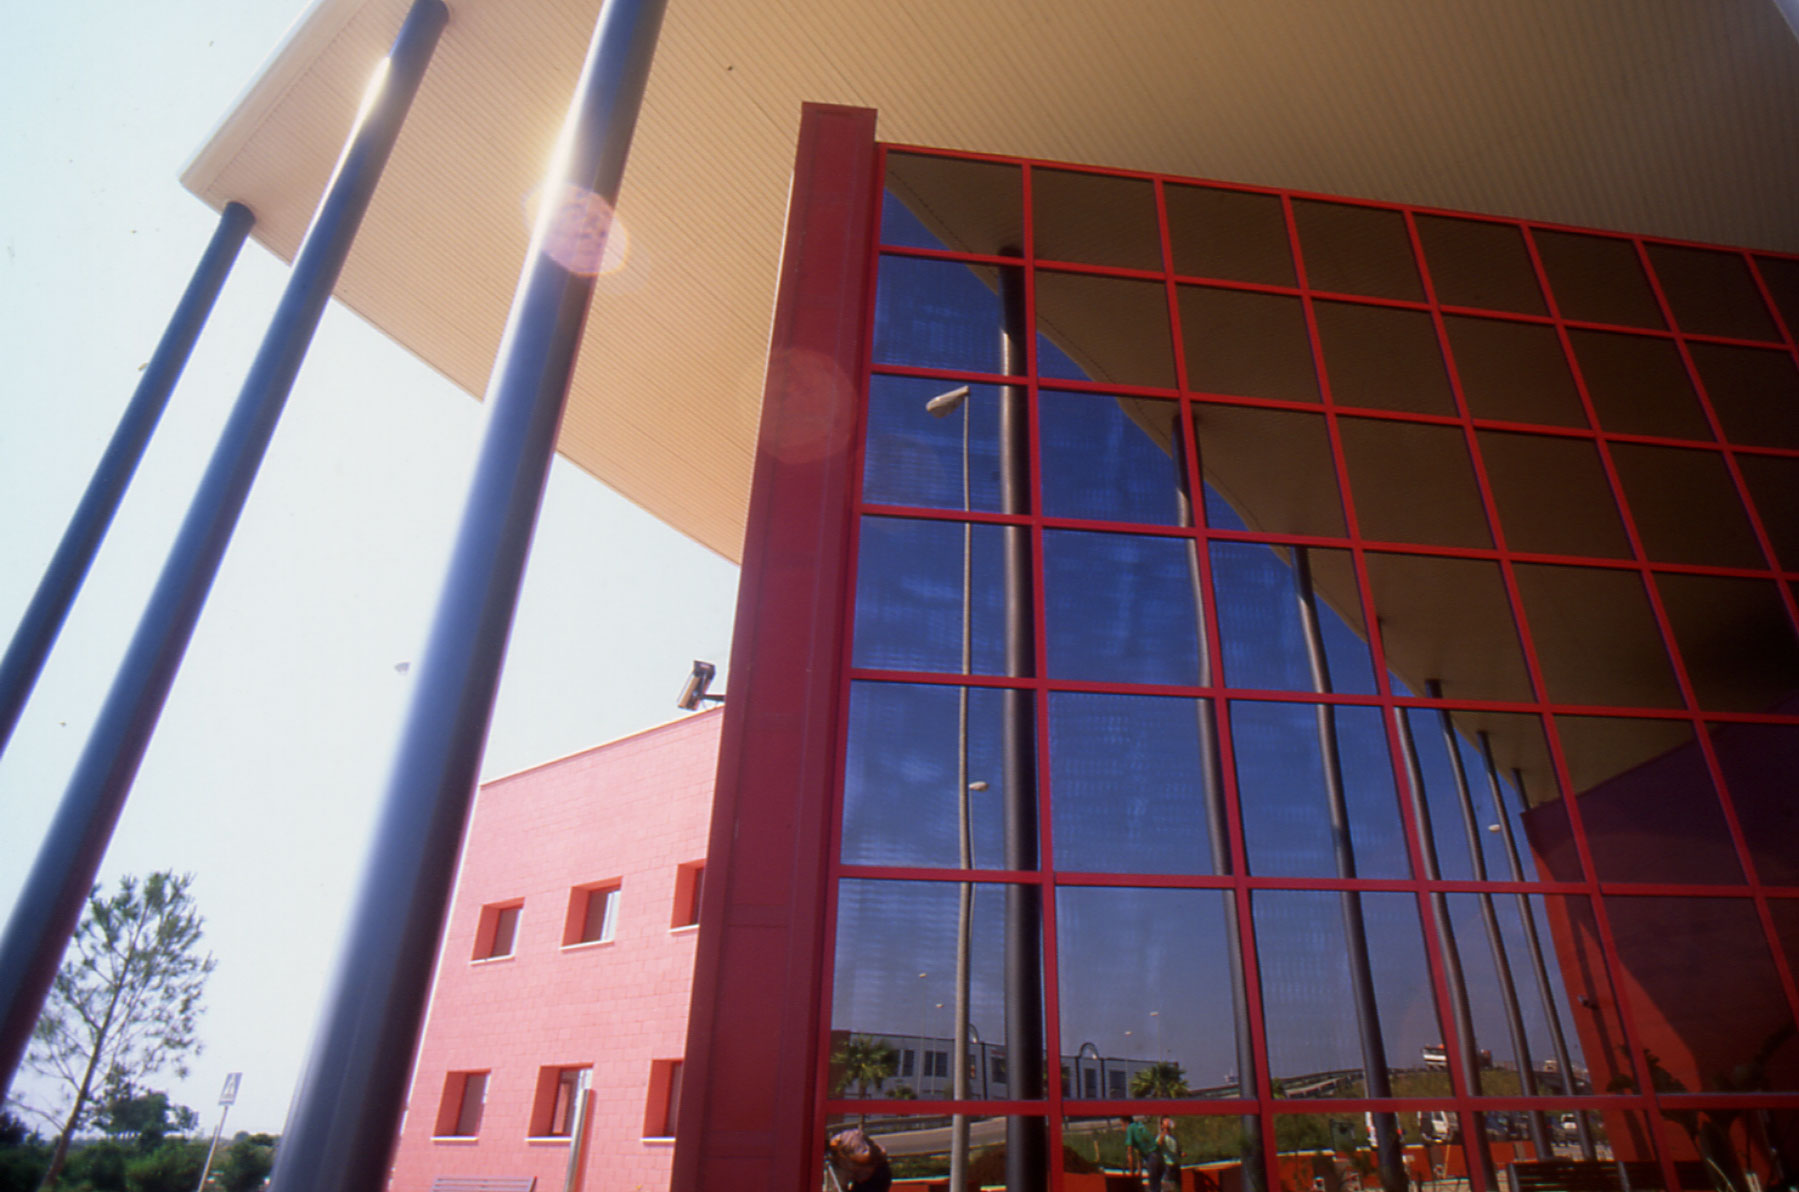 Empresas y areas industriales en el puerto de santa mar a oficina atenci n al empresario - Cita medico puerto de santa maria ...